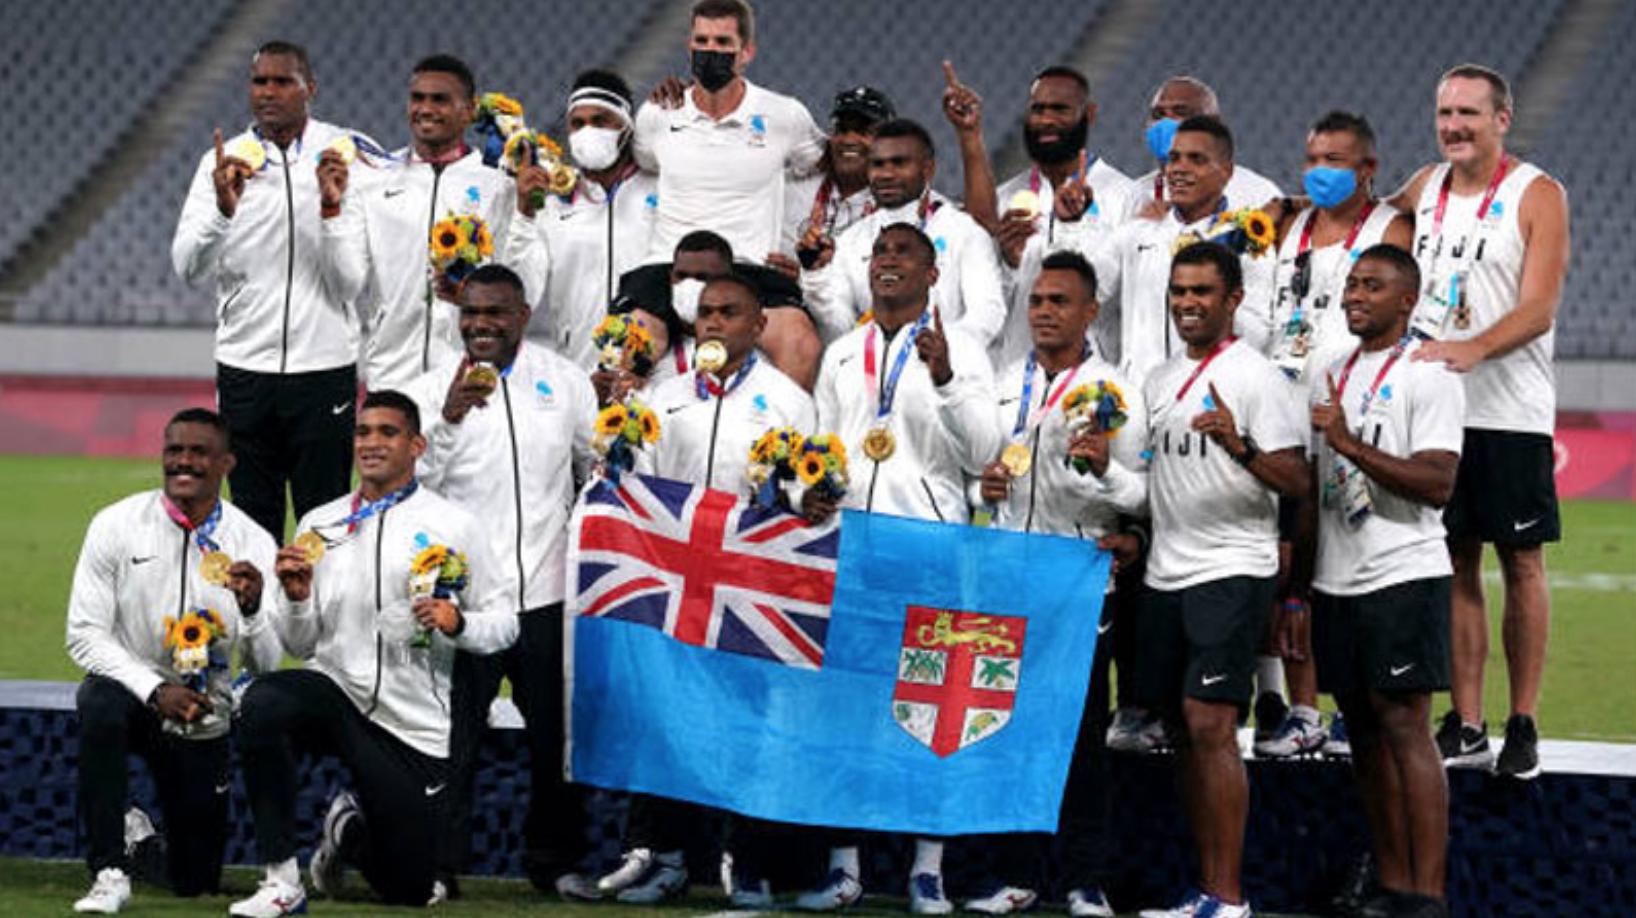 Fiji Win Gold